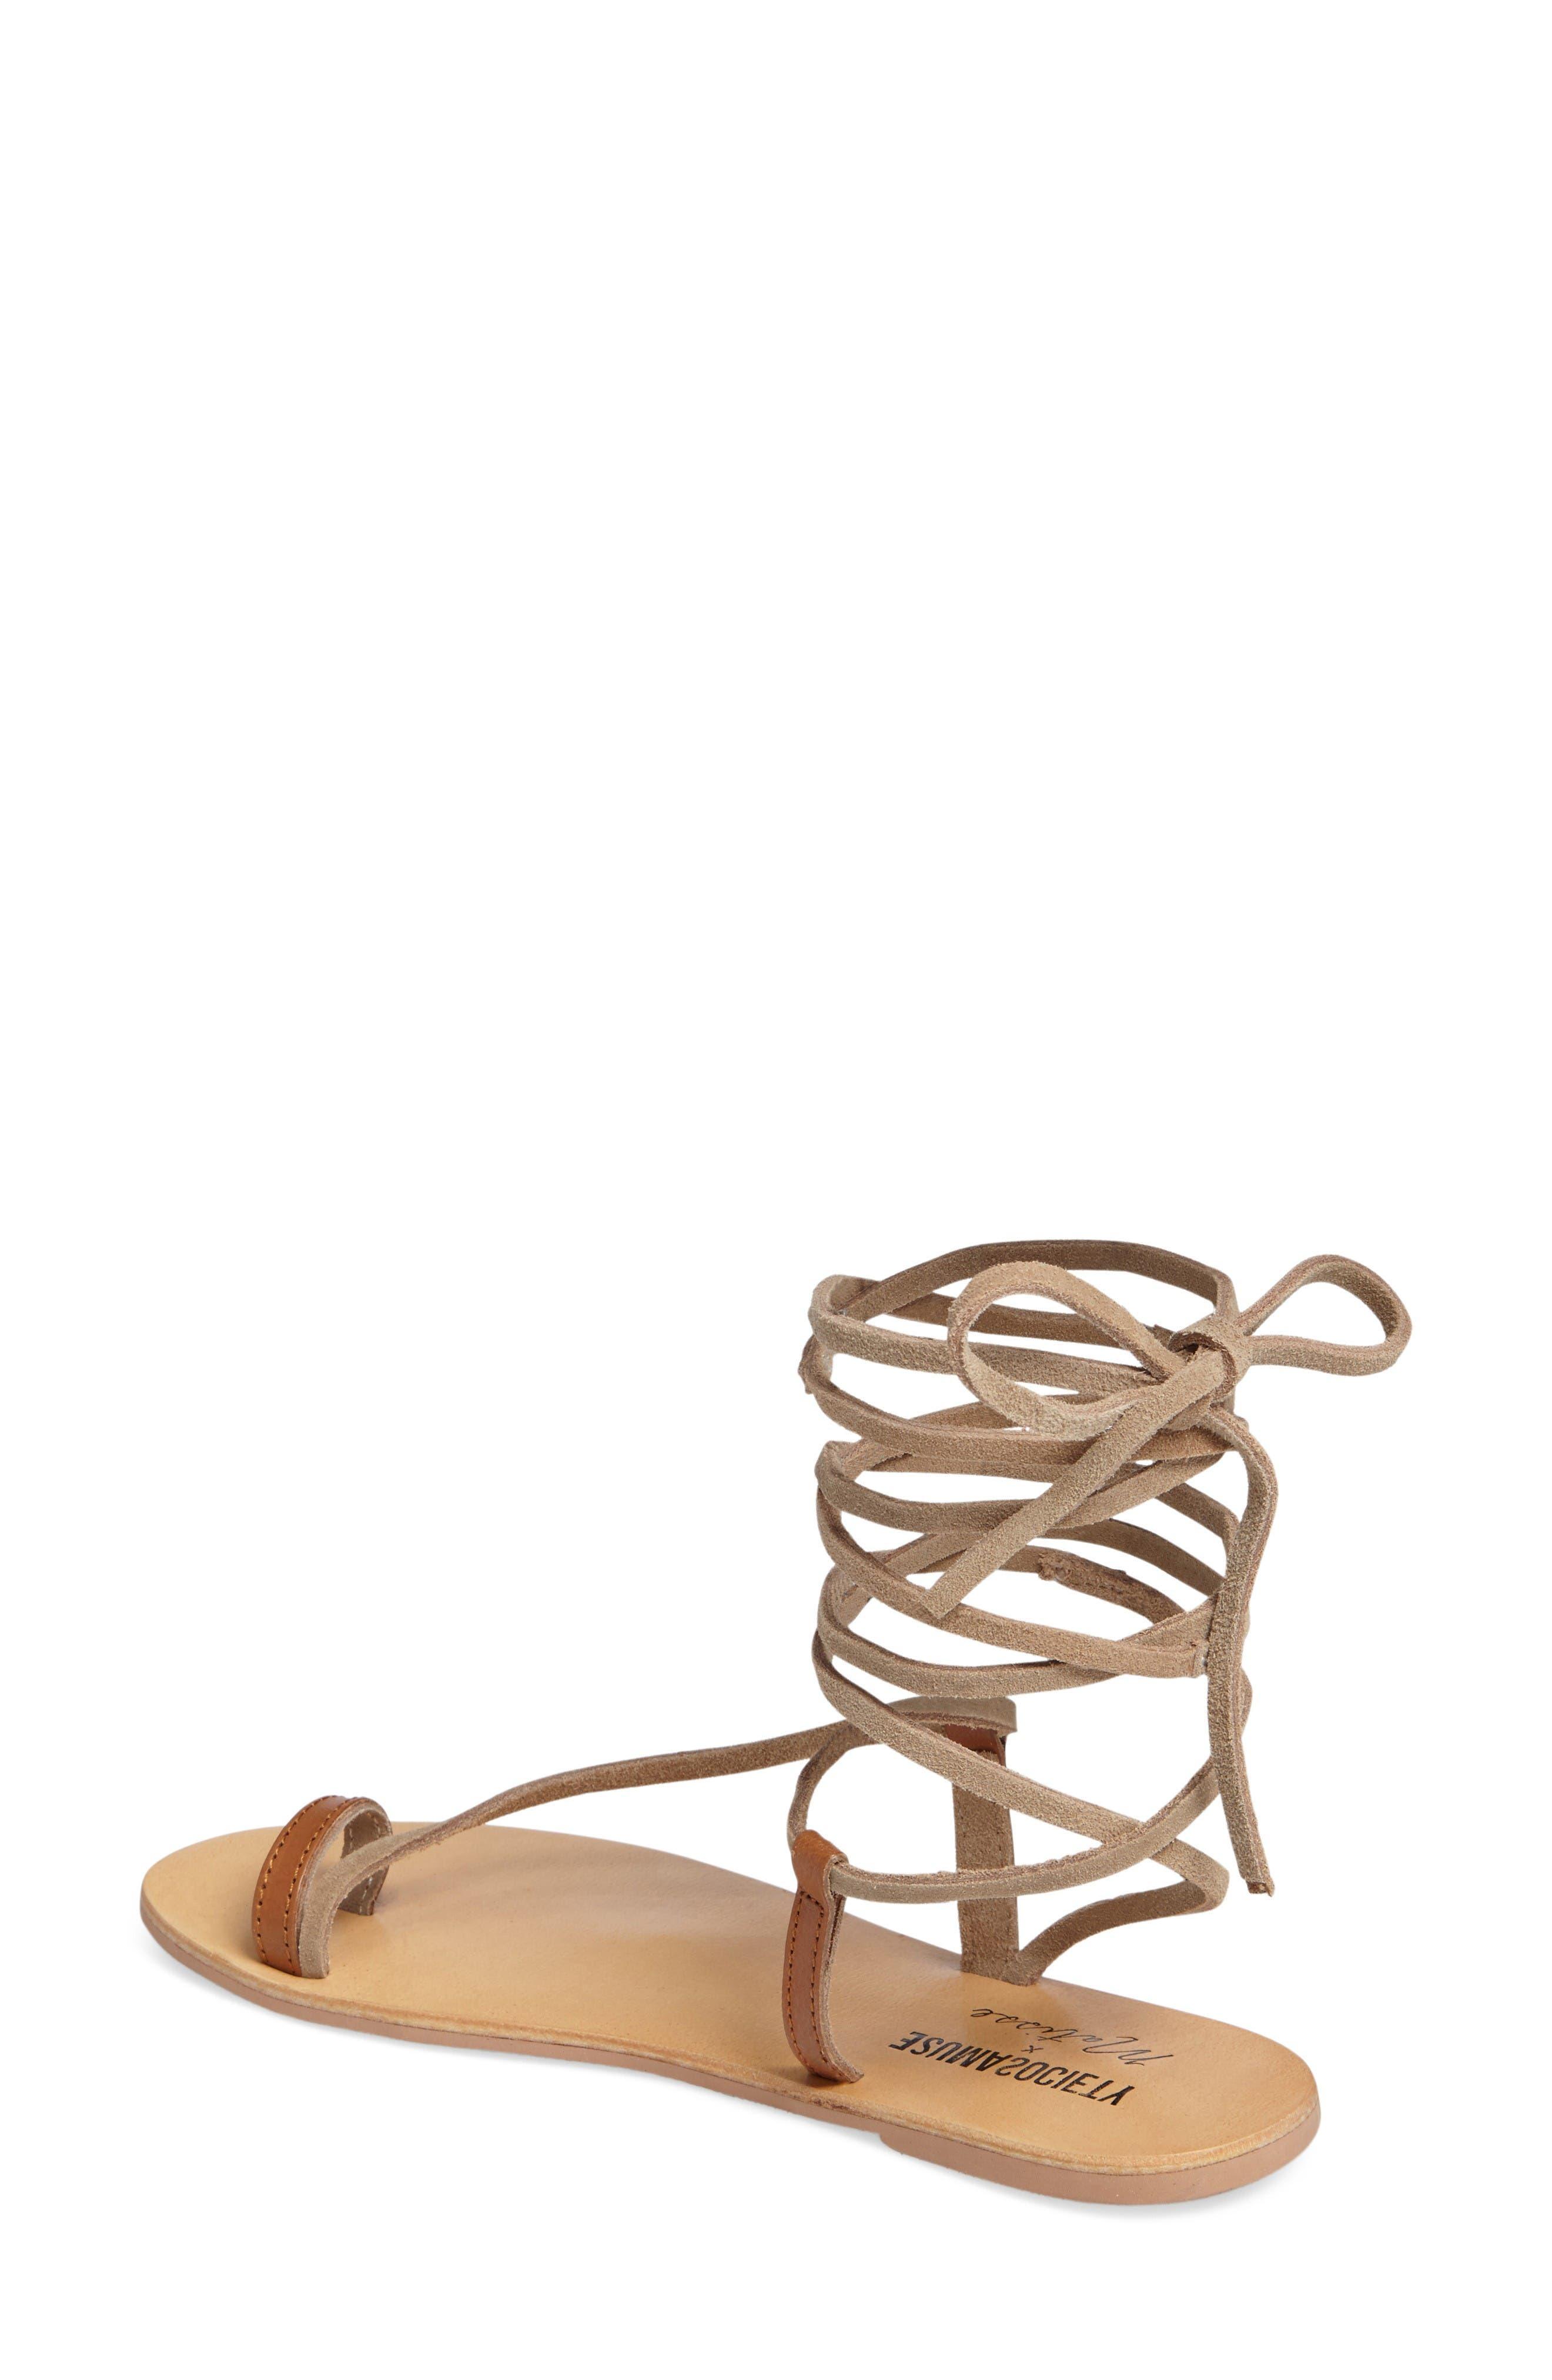 Alternate Image 2  - Amuse Society x Matisse Getaway Wraparound Sandal (Women)